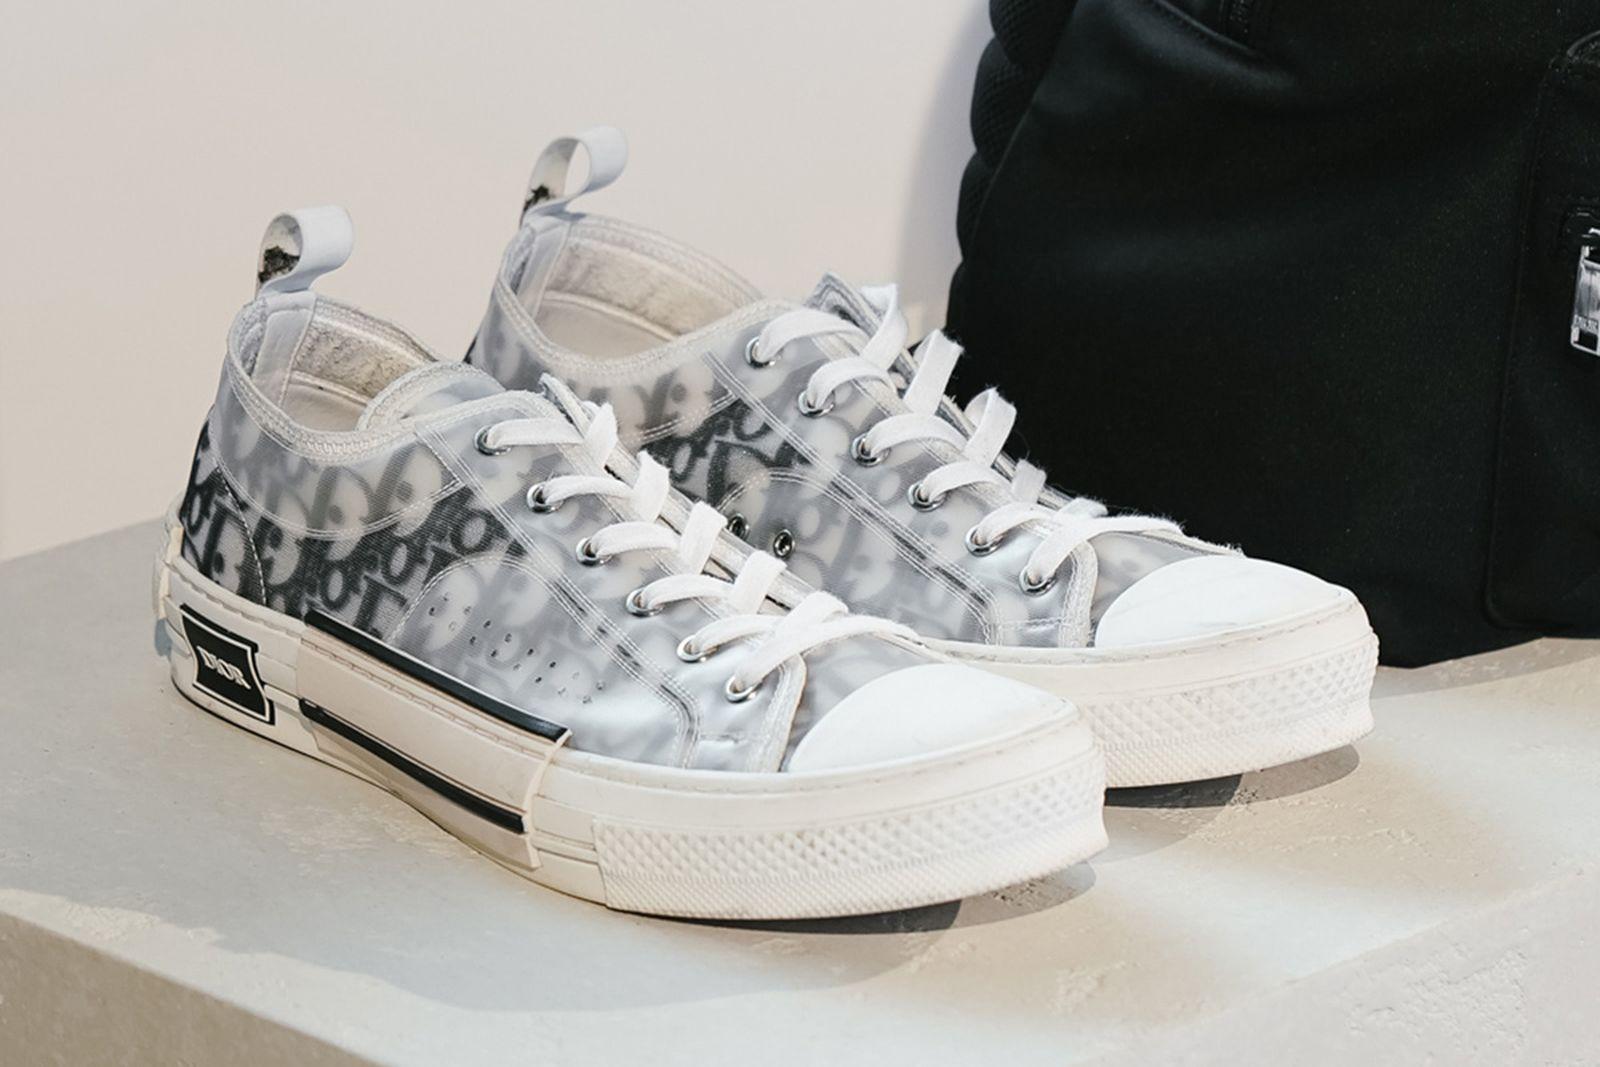 dior mens b23 low sneaker release date price Dior B23 Low